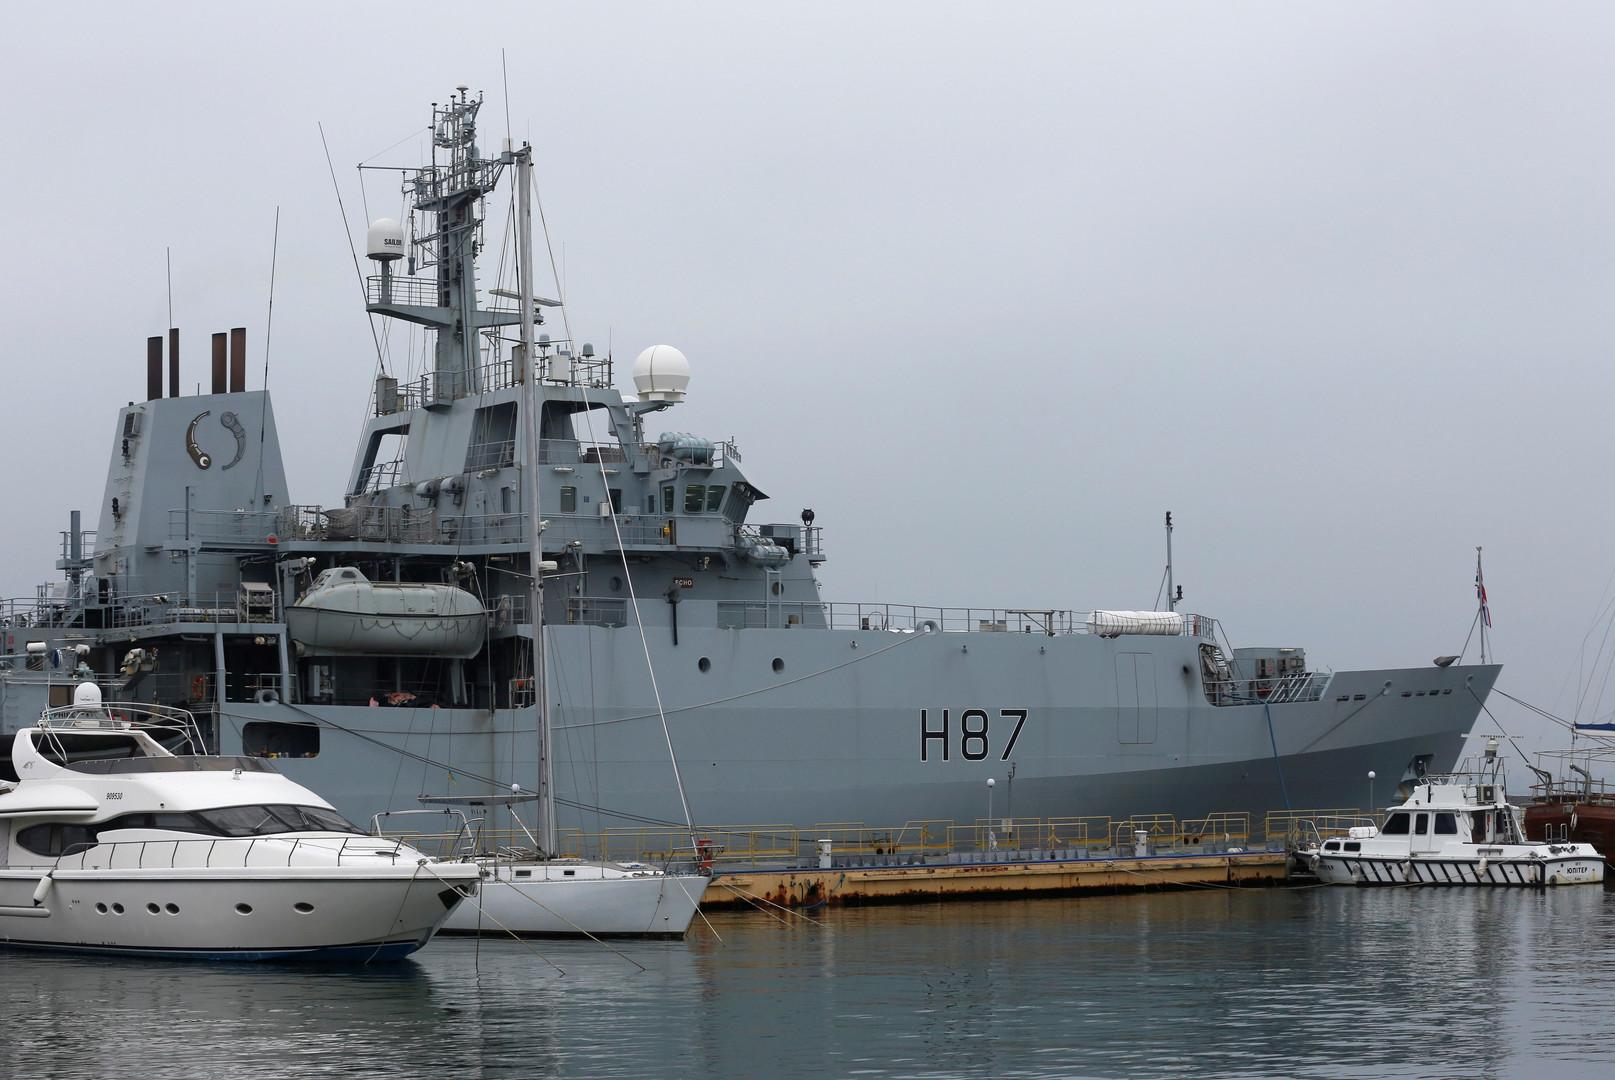 الحكومة البريطانية تعلن إرسال 100 عسكري من قواتها البحرية إلى الخليج